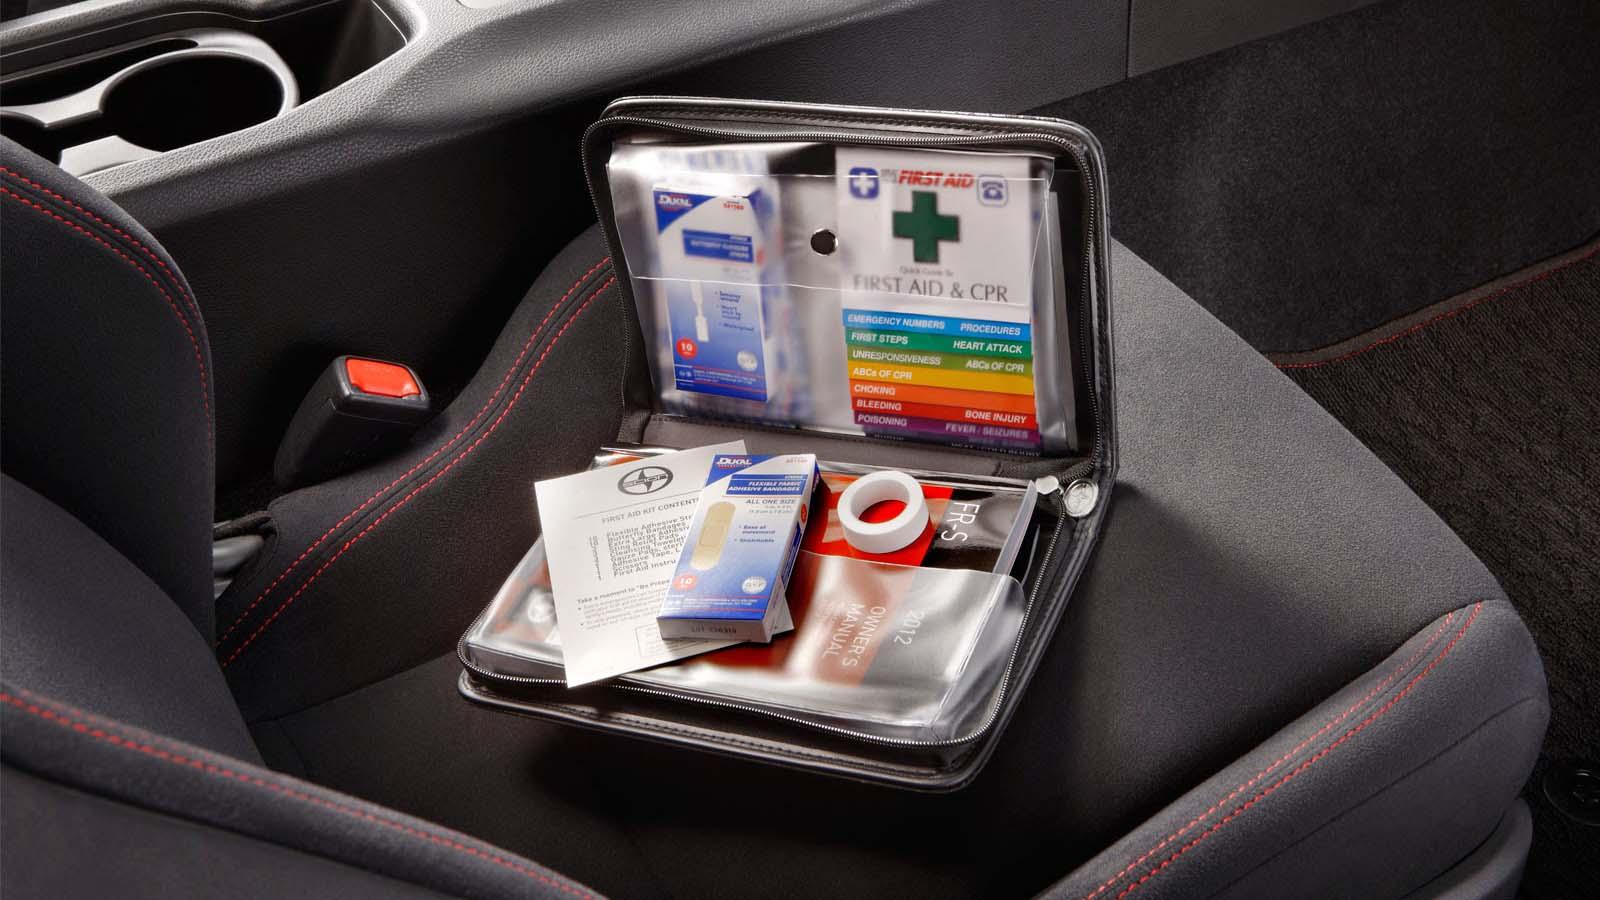 Tener un kit de emergencia puede ayudarte a auxiliar a alguien mientras llegan los paramédicos en caso de una emergencia mayor